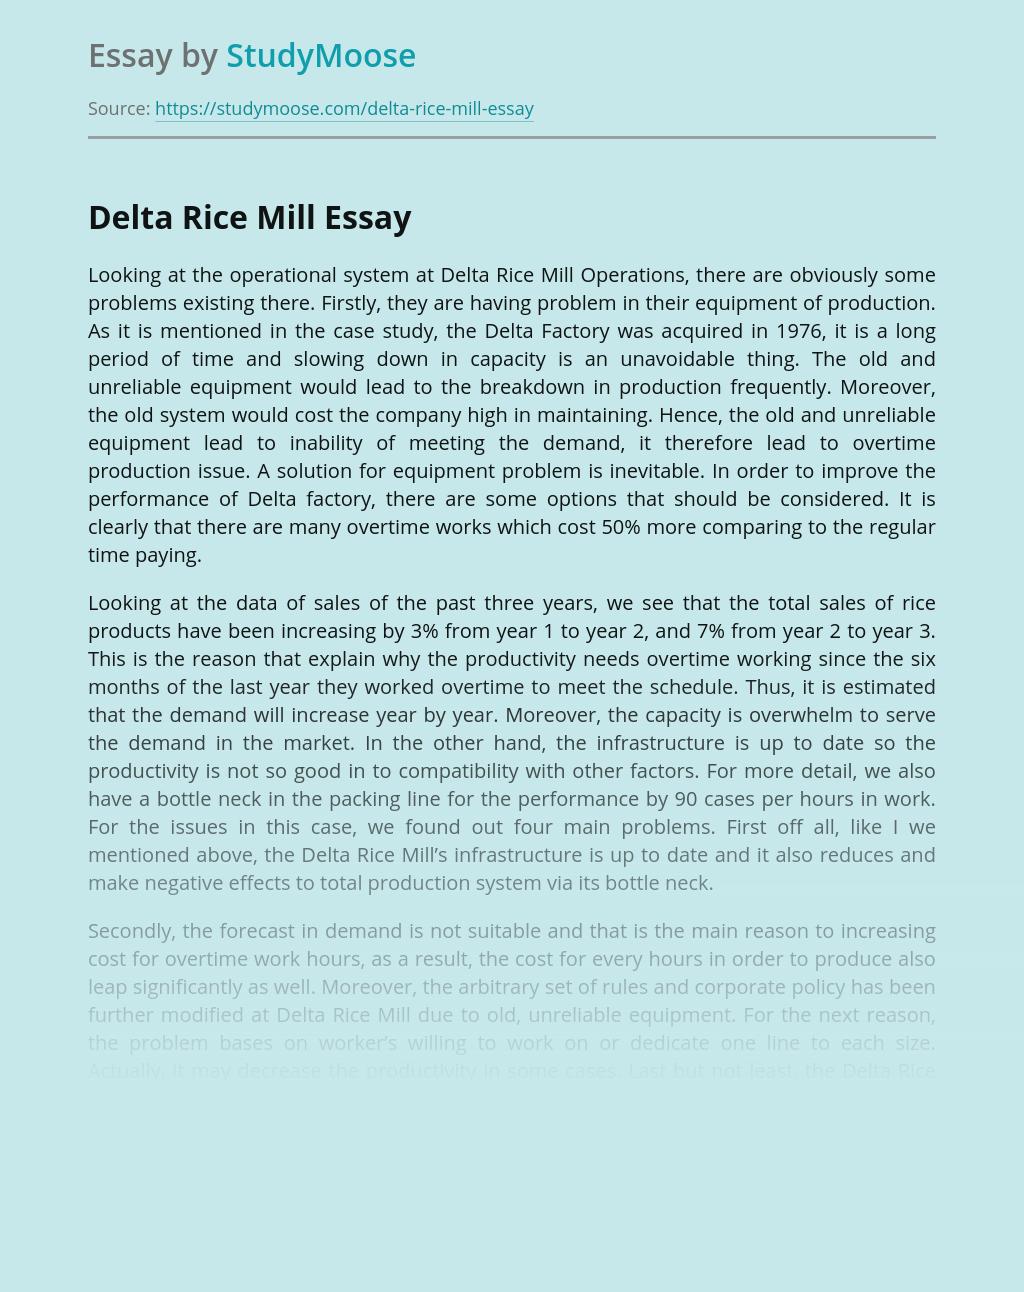 Delta Rice Mill